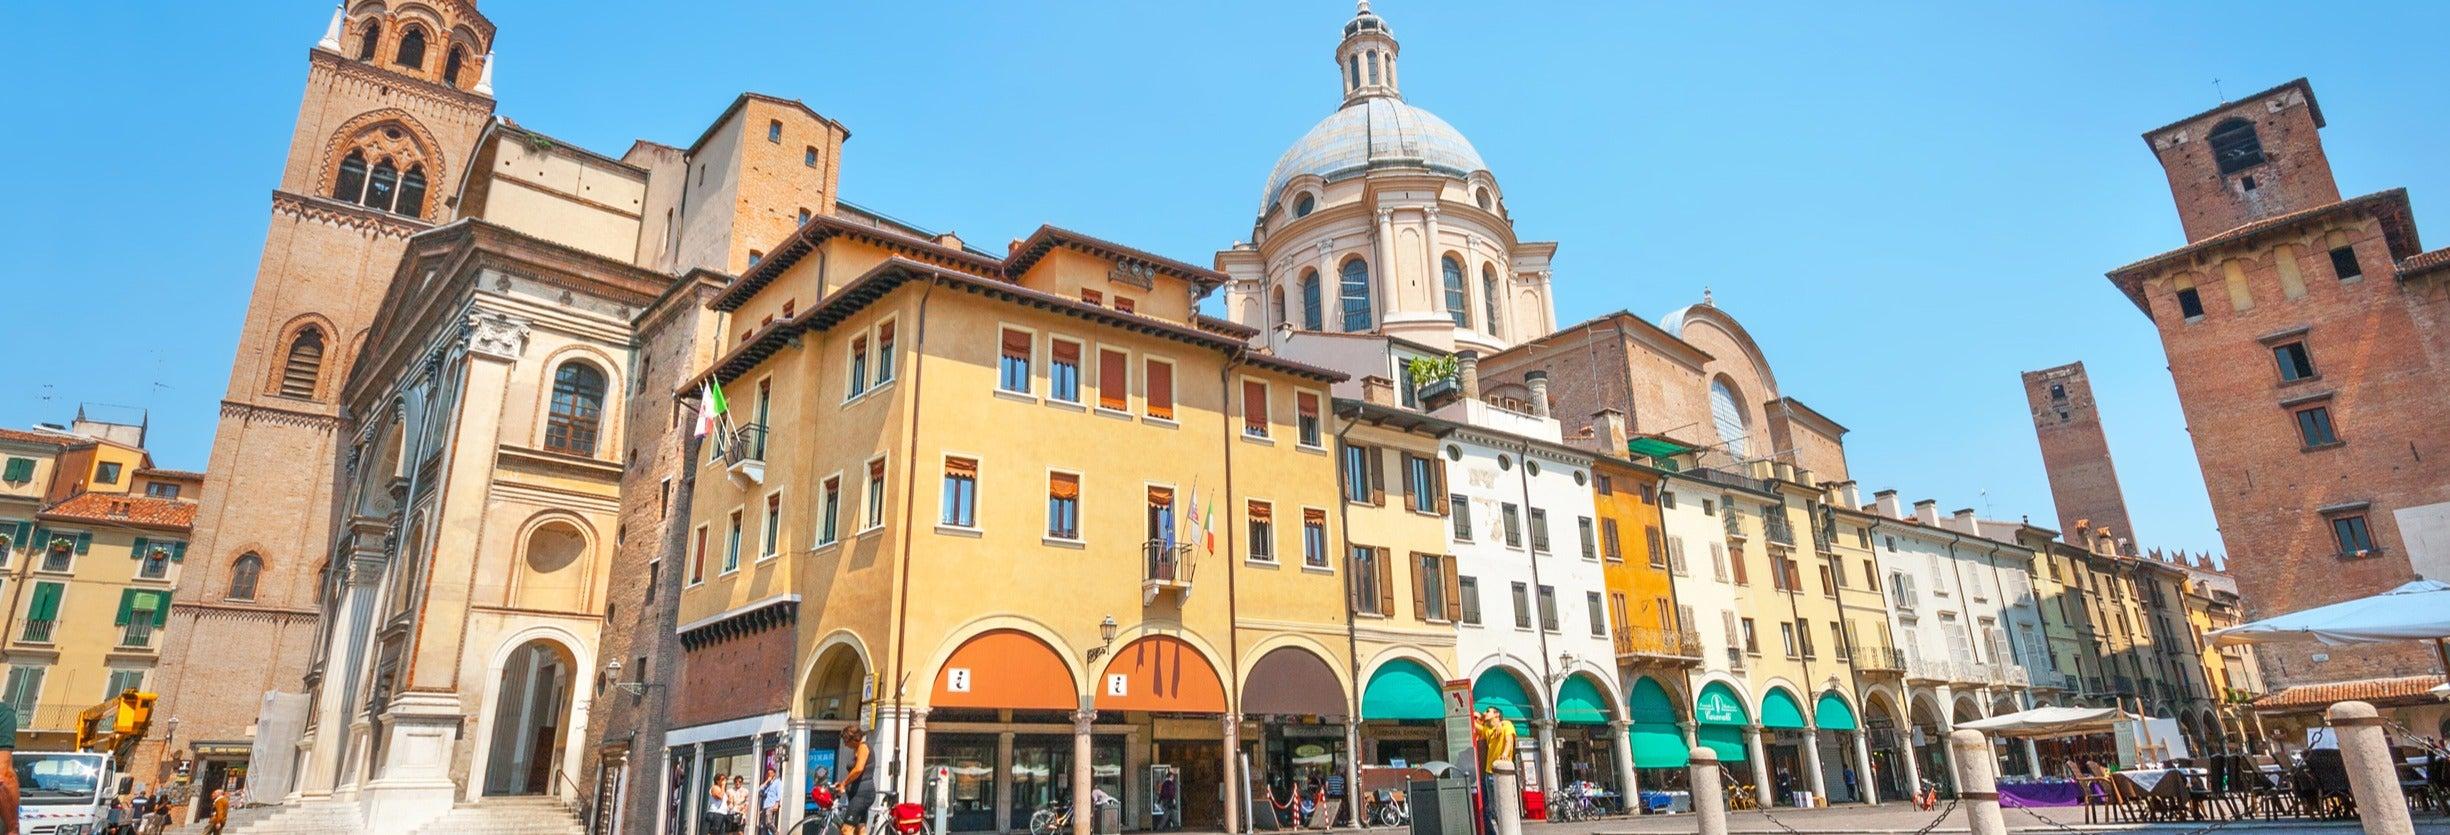 Mantua Private Tour